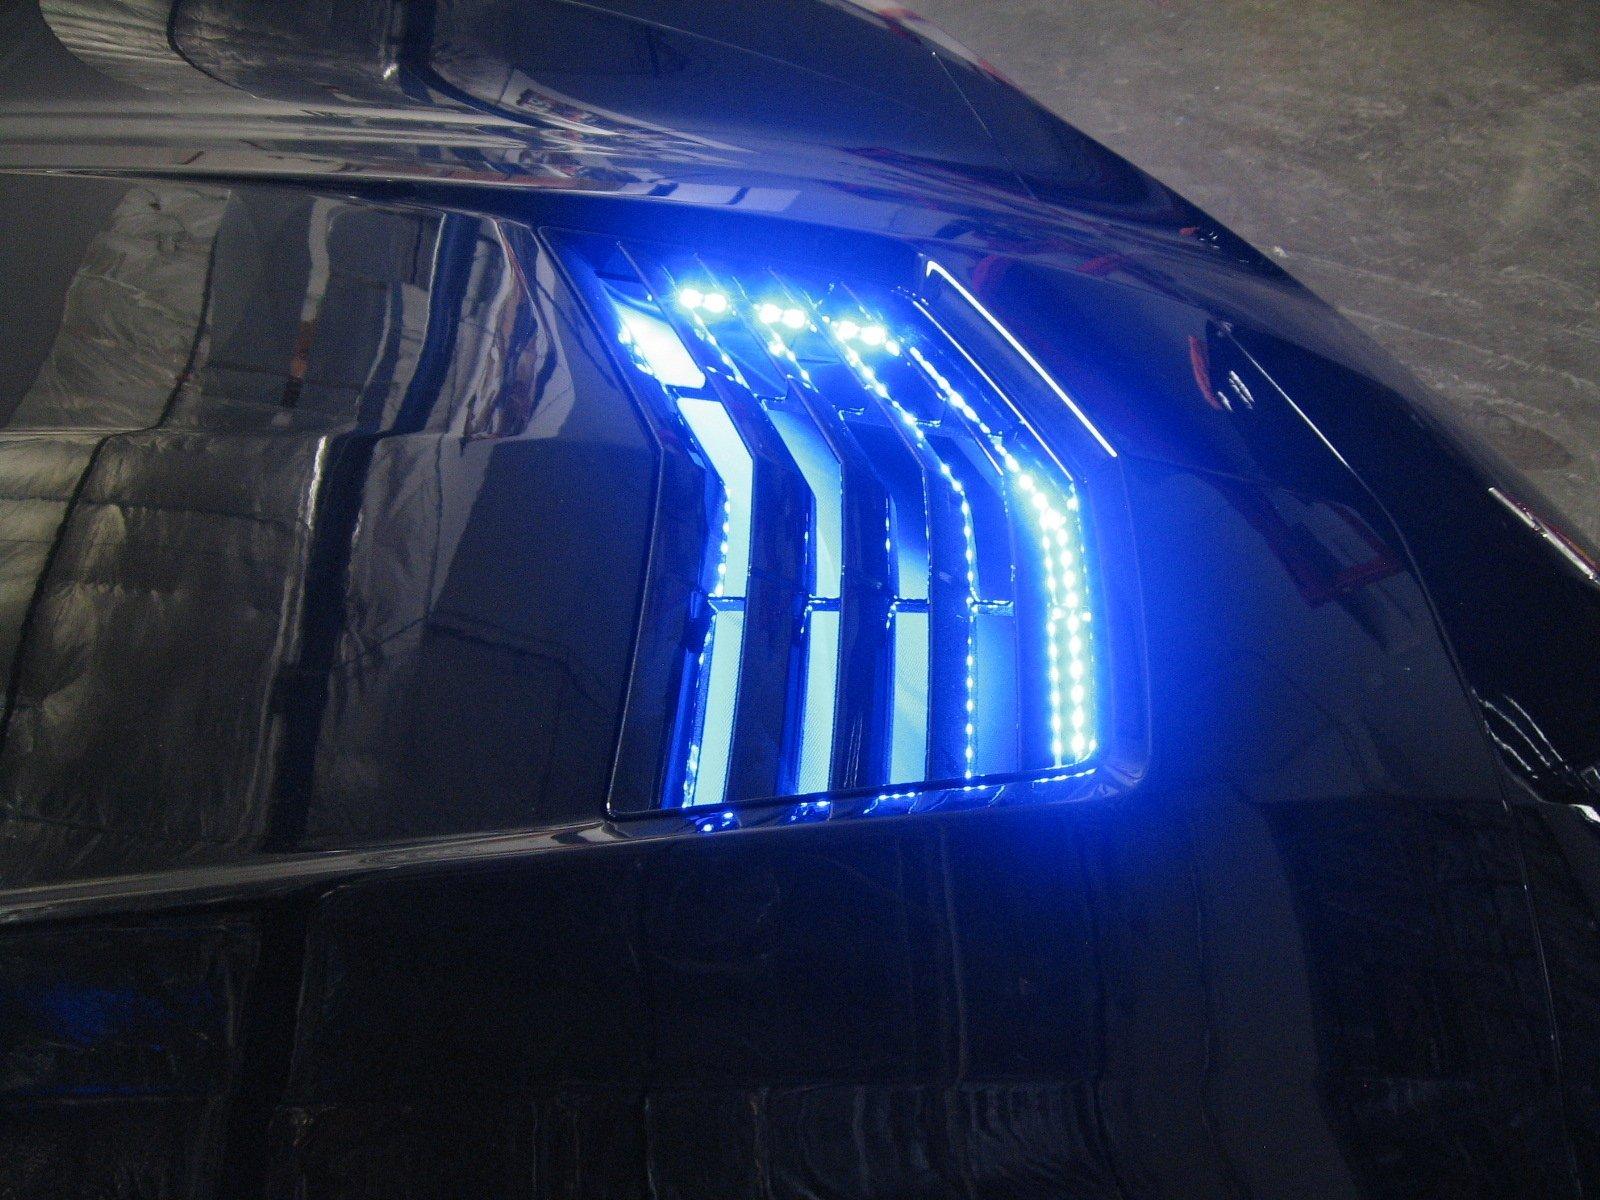 C7 Corvette Exterior Rgb Led Lighting Kit